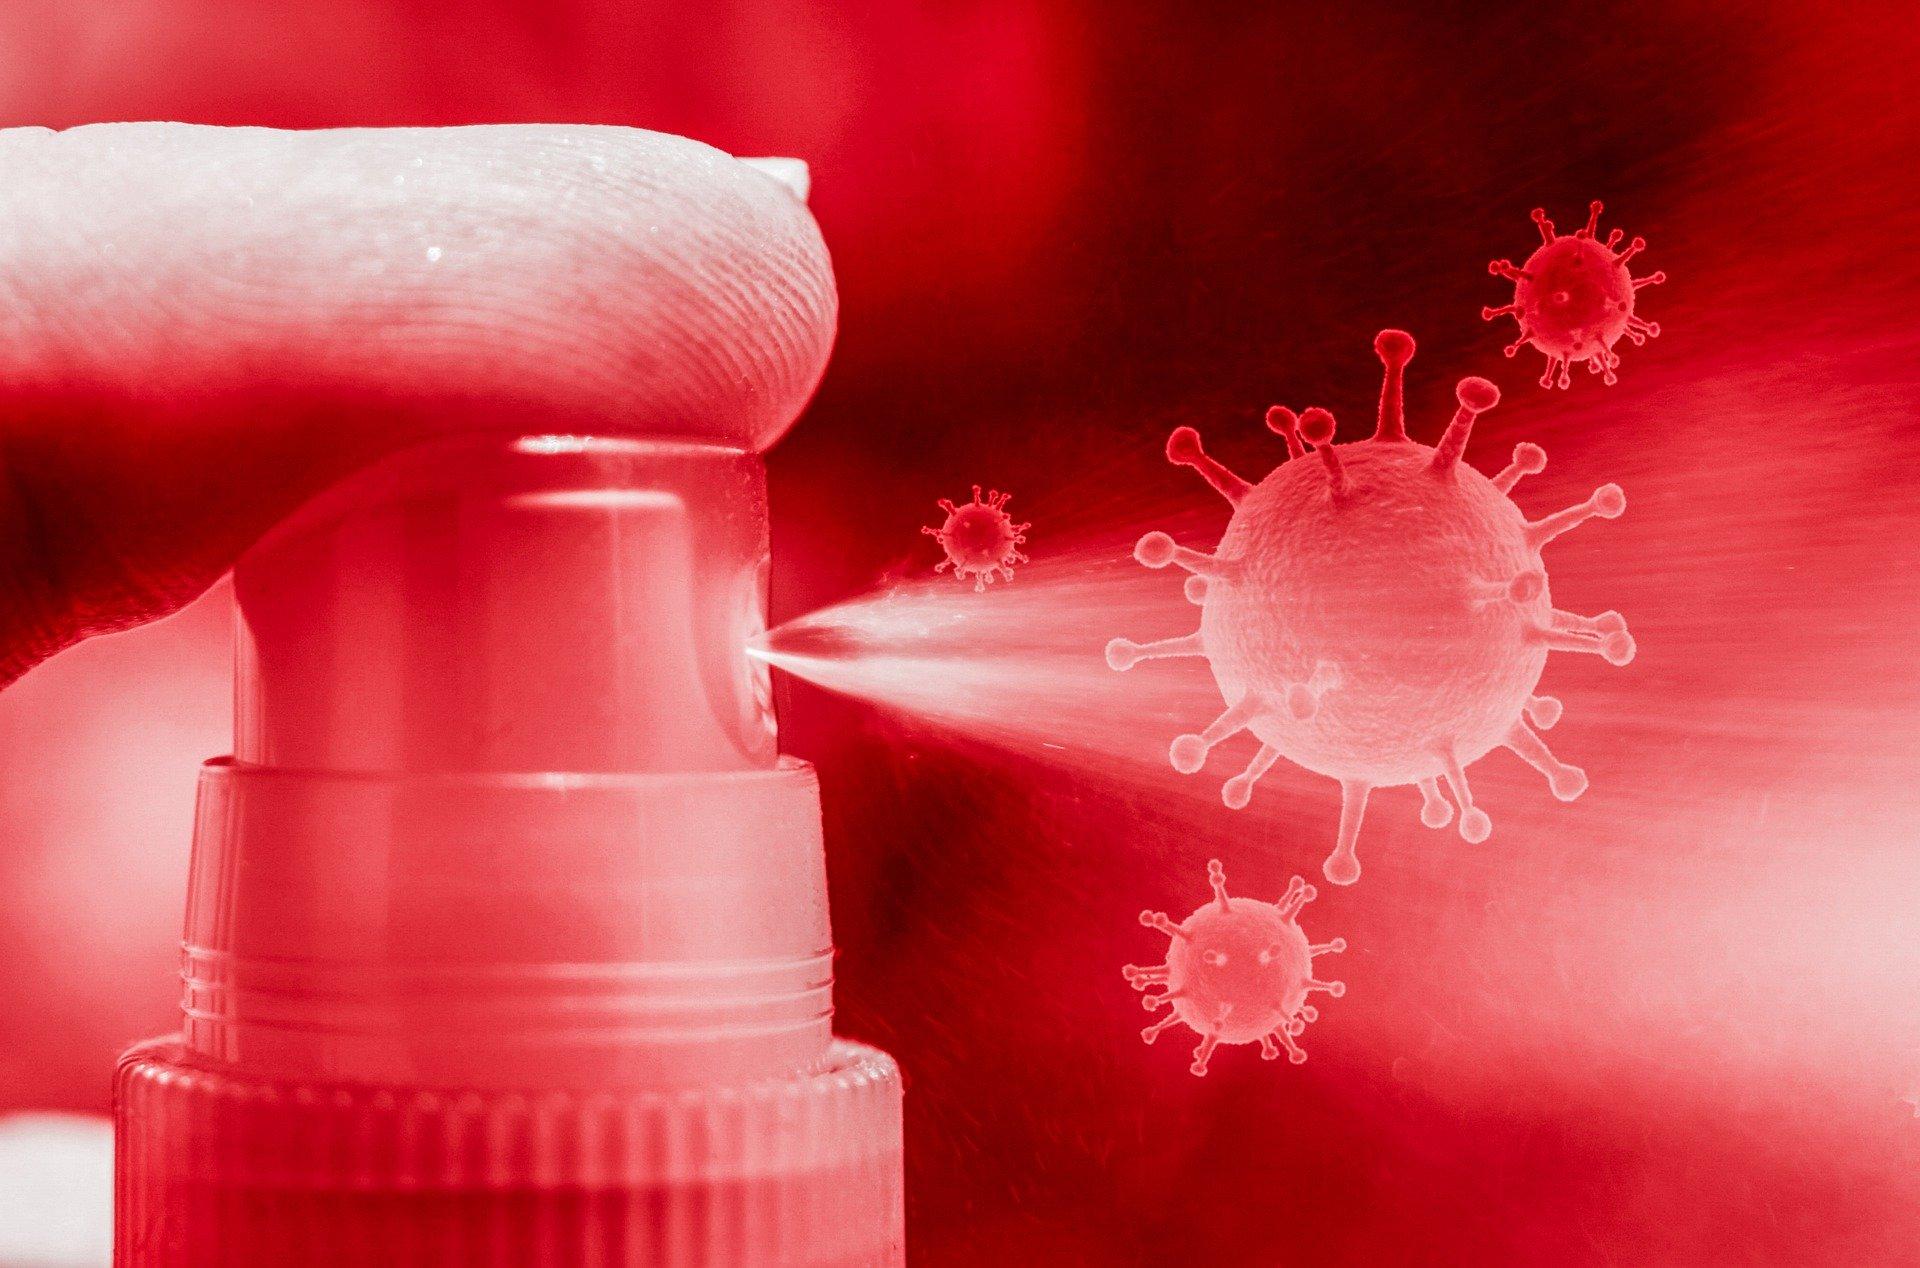 Regalos personalizados para hacer frente al coronavirus